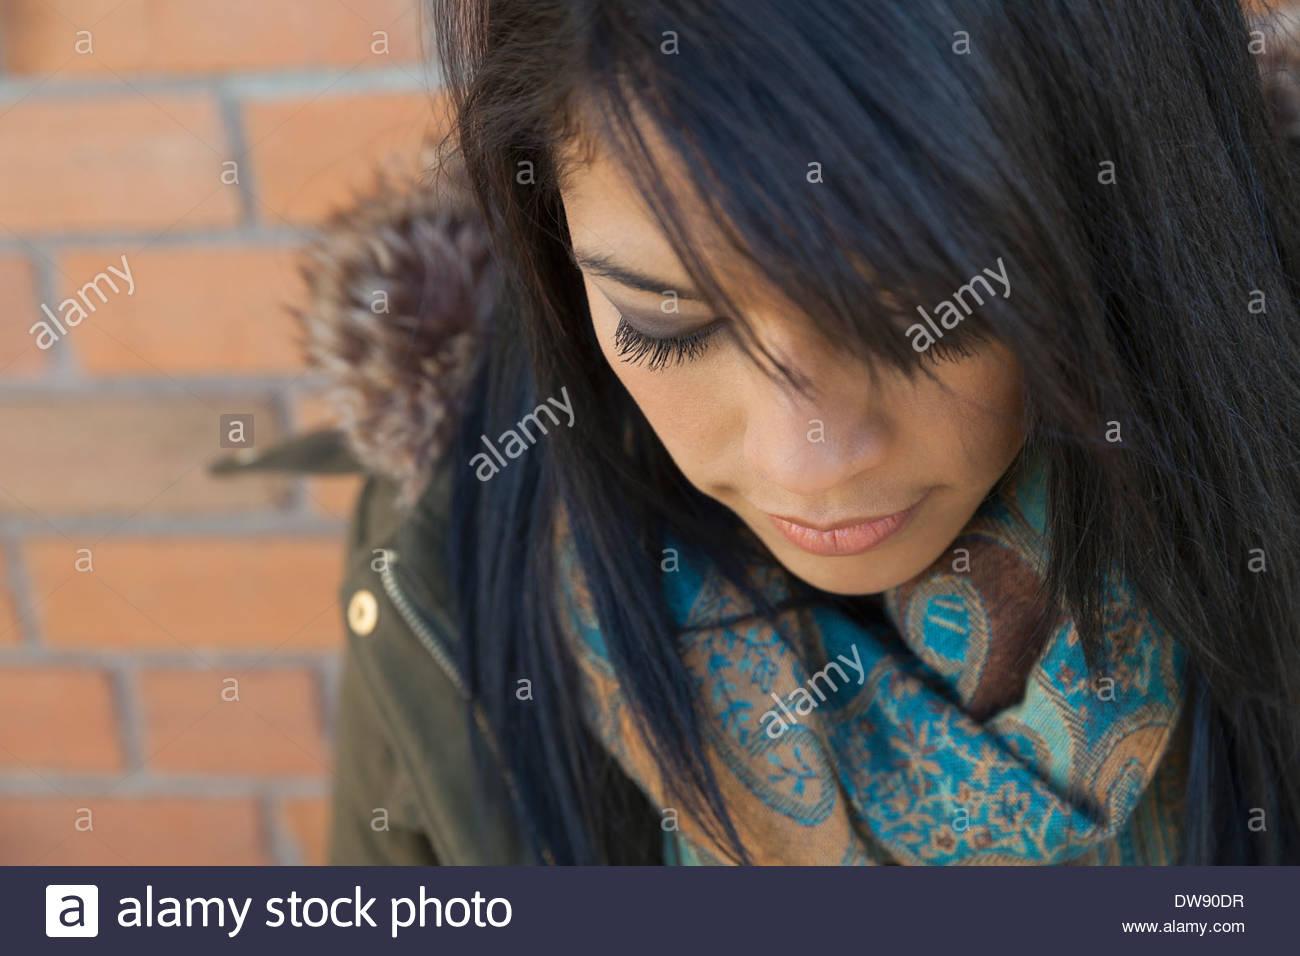 Close-up di donna che guarda verso il basso contro la parete in mattoni Immagini Stock